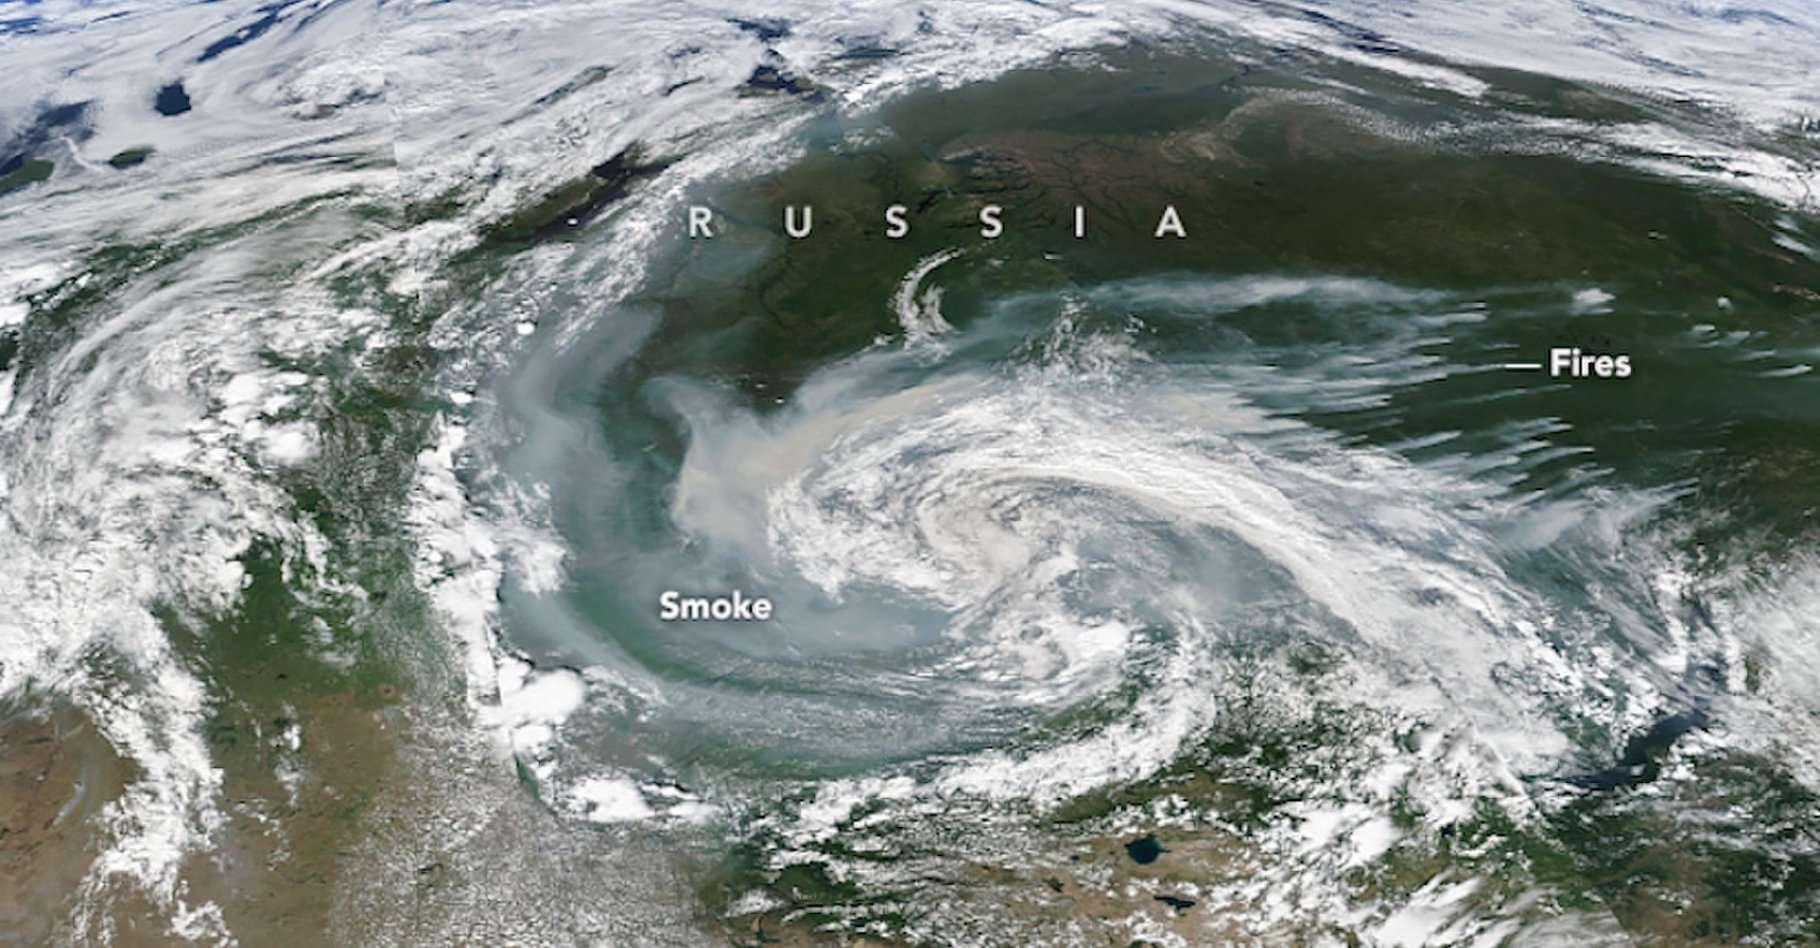 Cette image a été prise le 21 juillet dernier. On y découvre des panaches de fumée issus d'un incendie sur le côté droit. Le vent transporte ensuite la fumée vers le sud-ouest, au cœur d'un système orageux. © Joshua Stevens, Nasa Earth Observatory